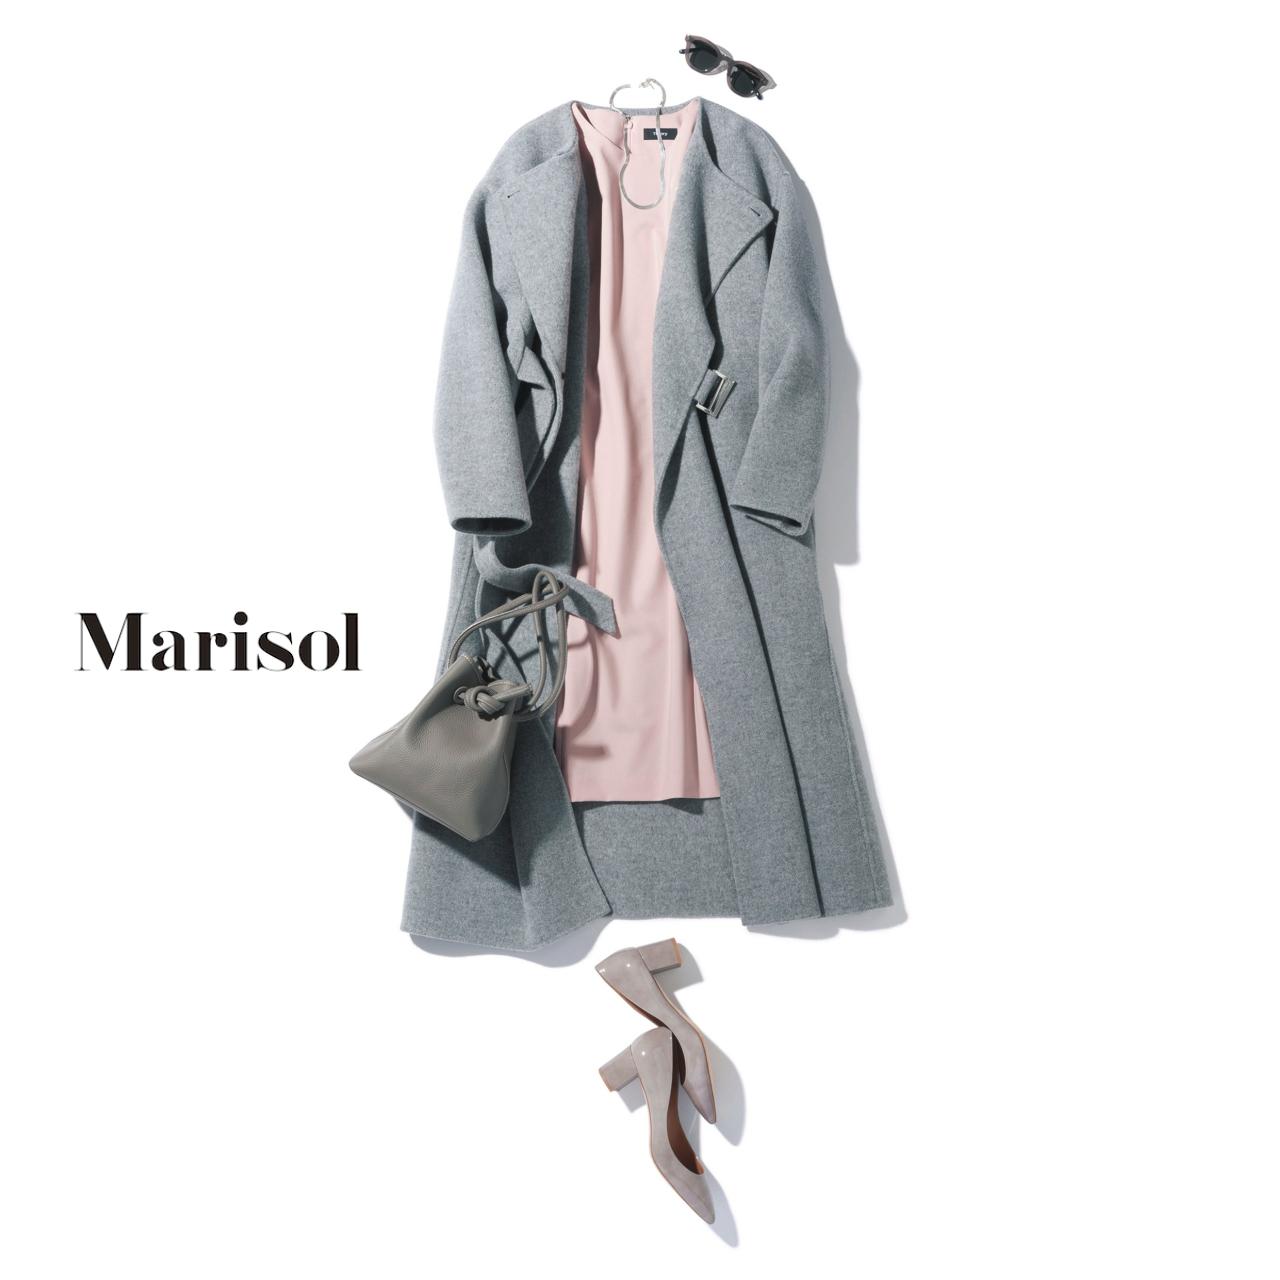 40代ファッション ベルト付きグレーコート×ペールピンクノースリーブワンピースコーデ